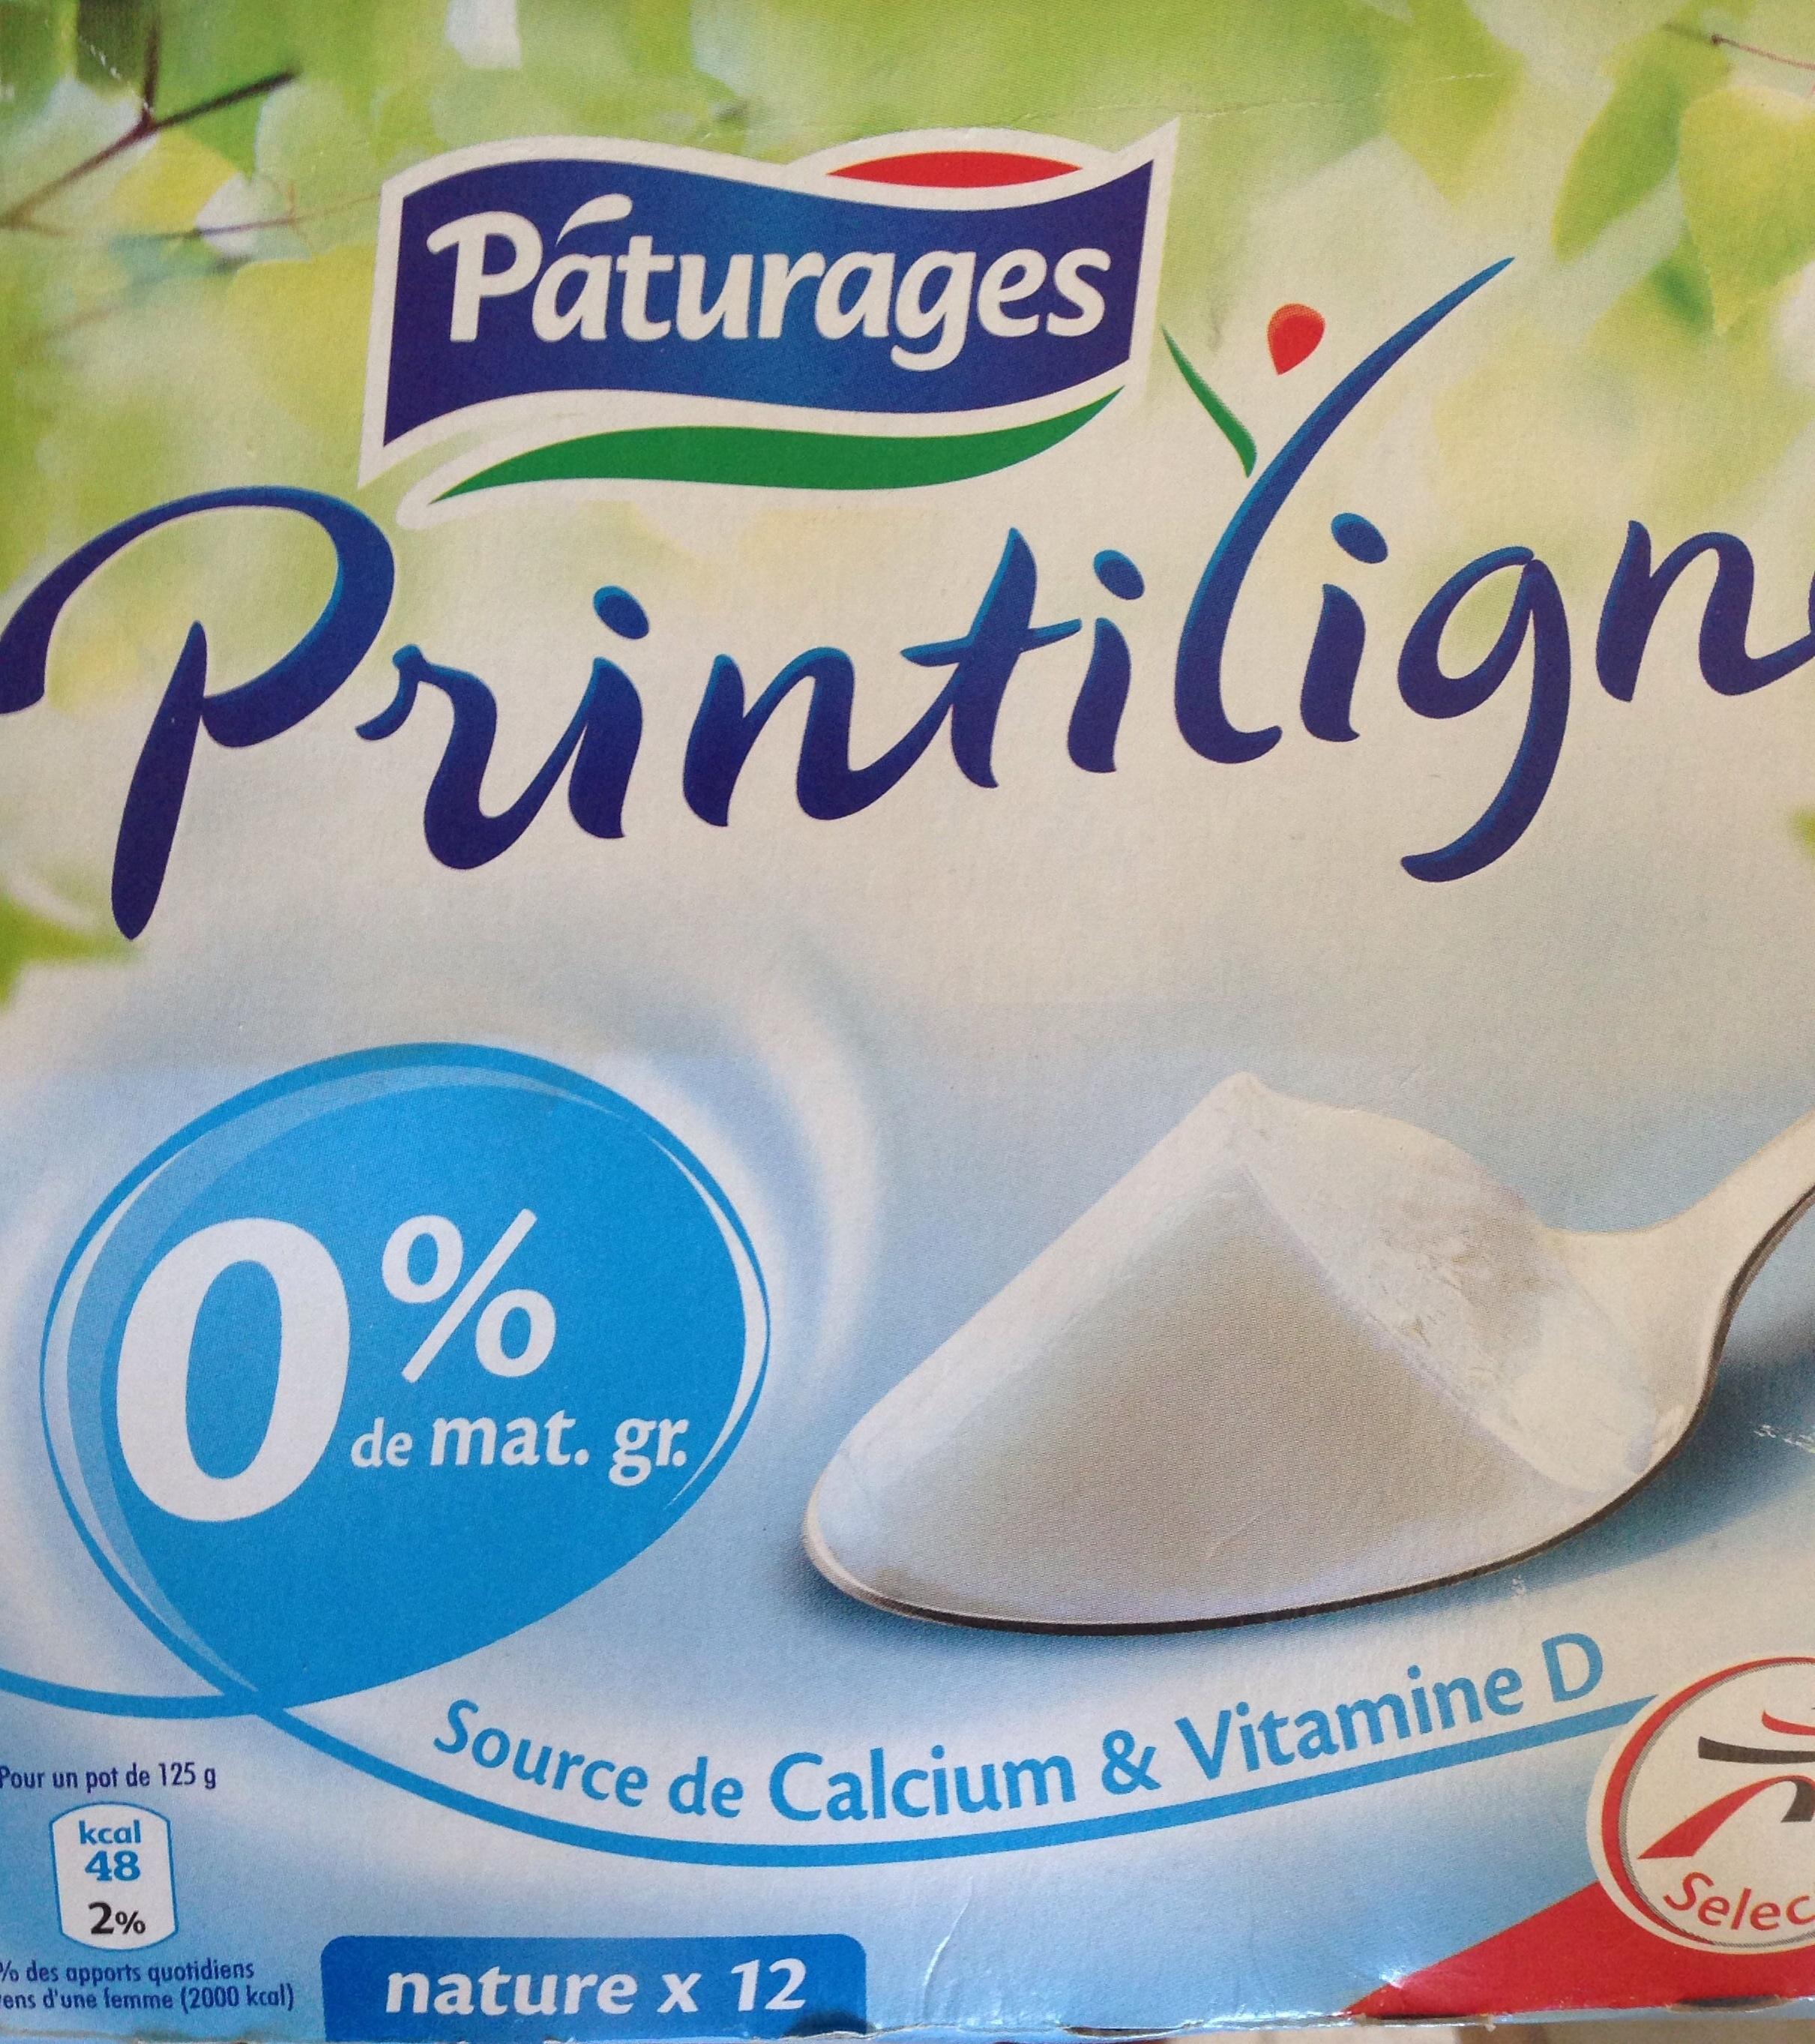 Printiligne nature (0 % MG) 12 pots - Produit - fr